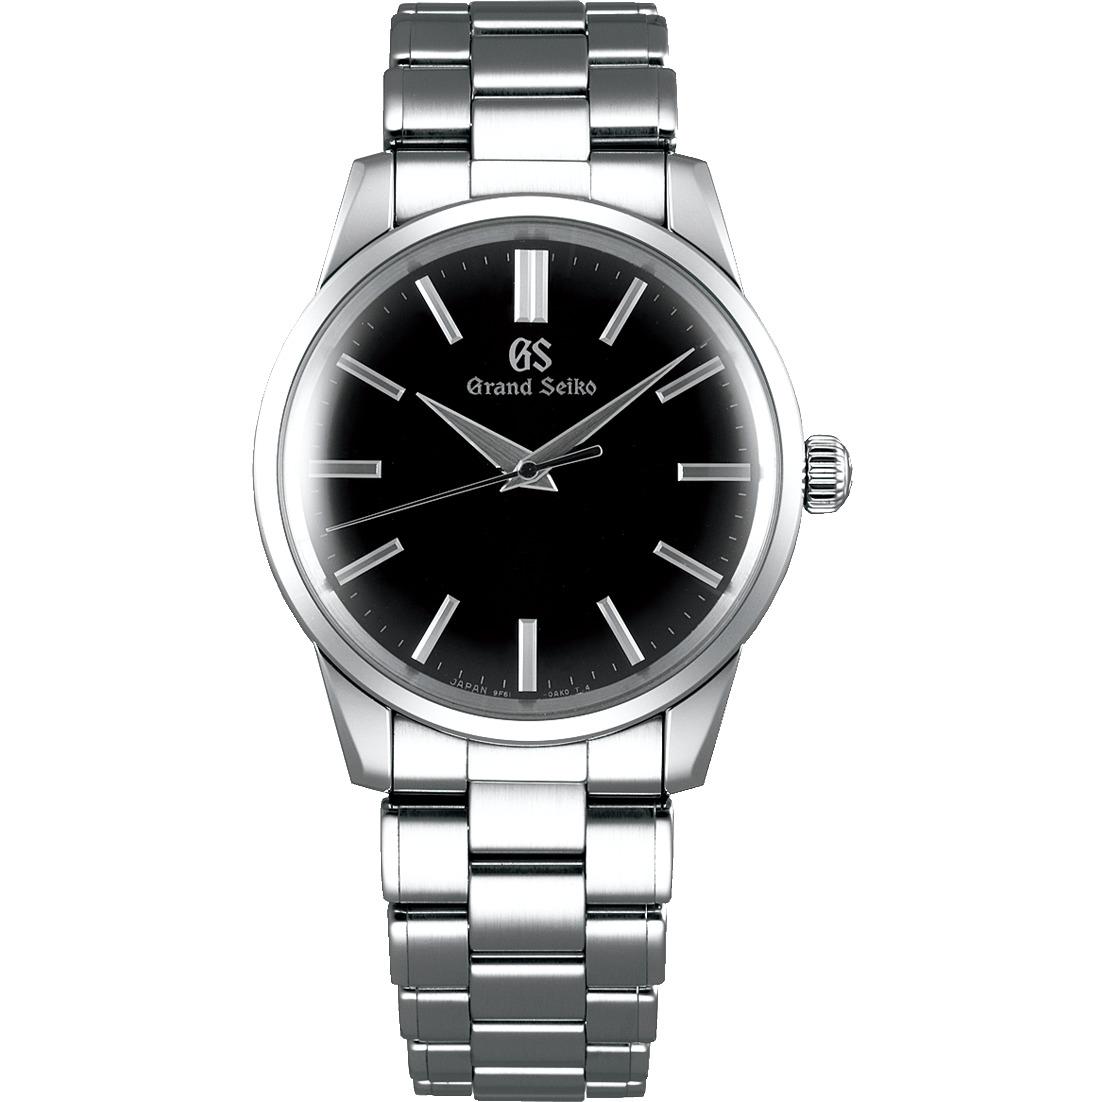 正規メーカー保証3年 正規品 Grand Seiko グランドセイコー SBGX321 9Fクォーツ 腕時計